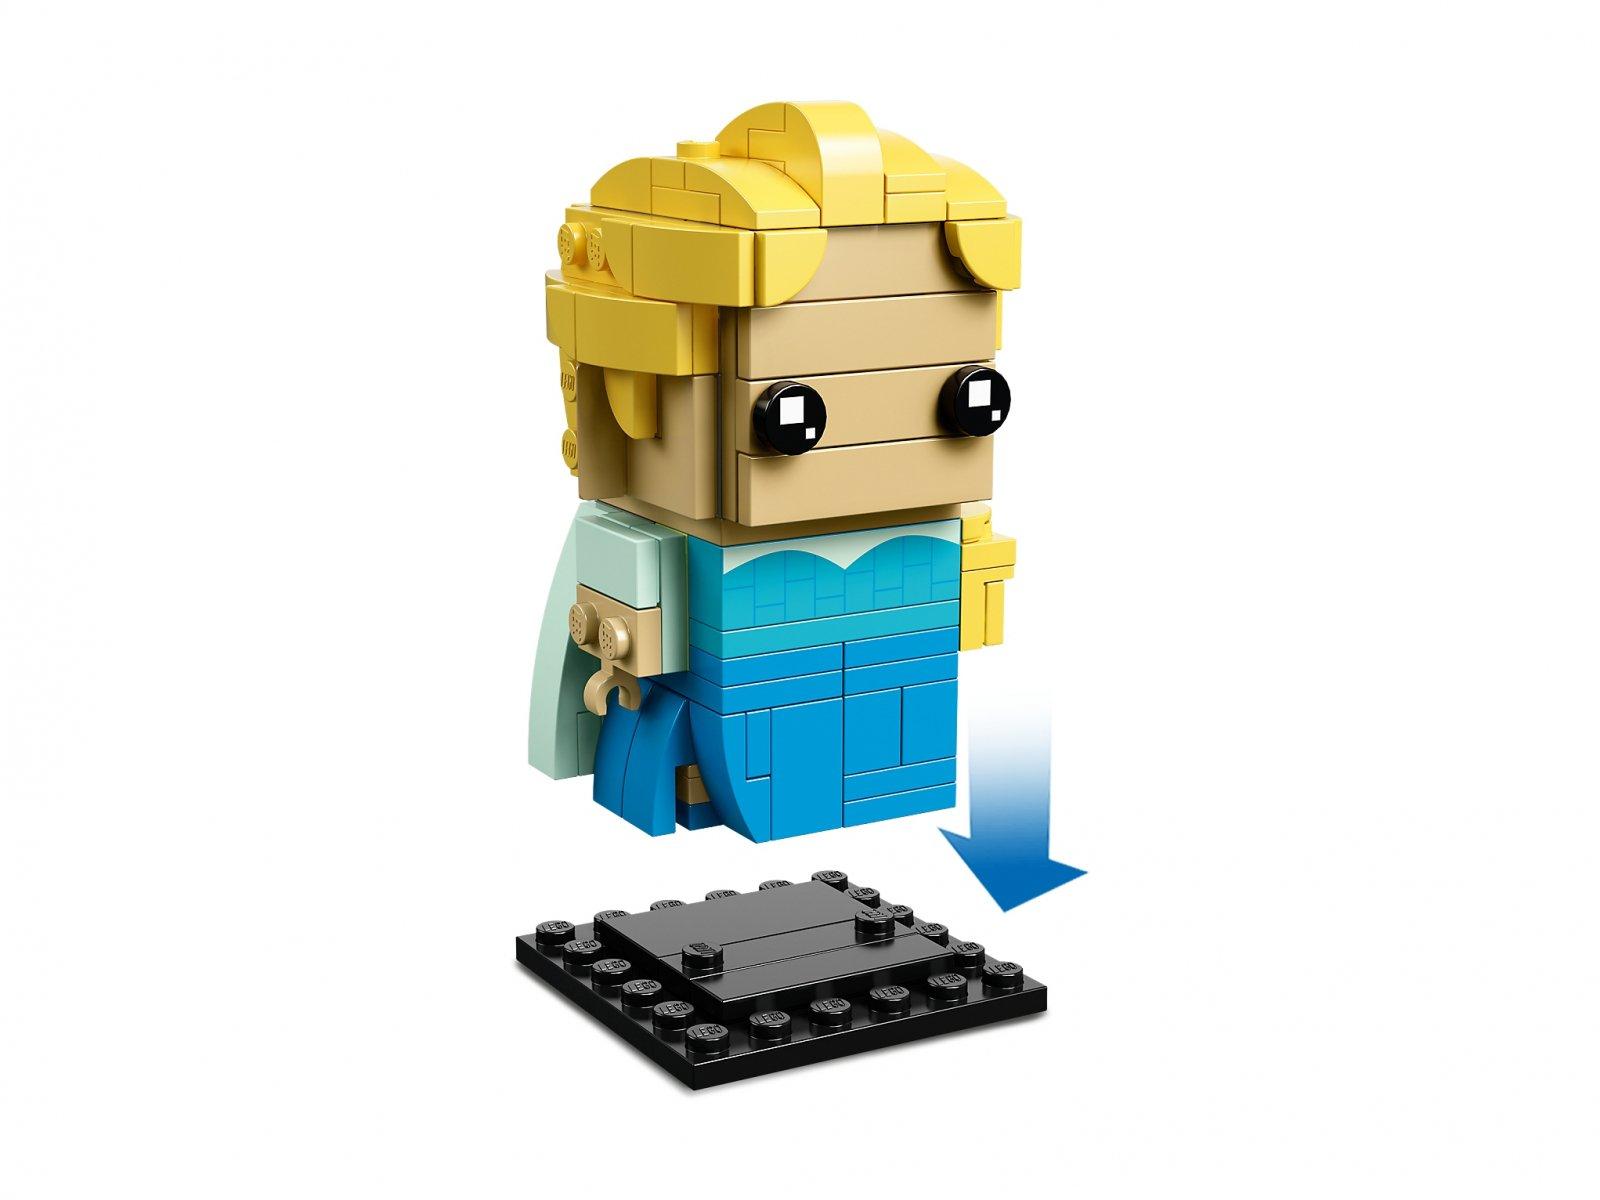 LEGO BrickHeadz Elsa